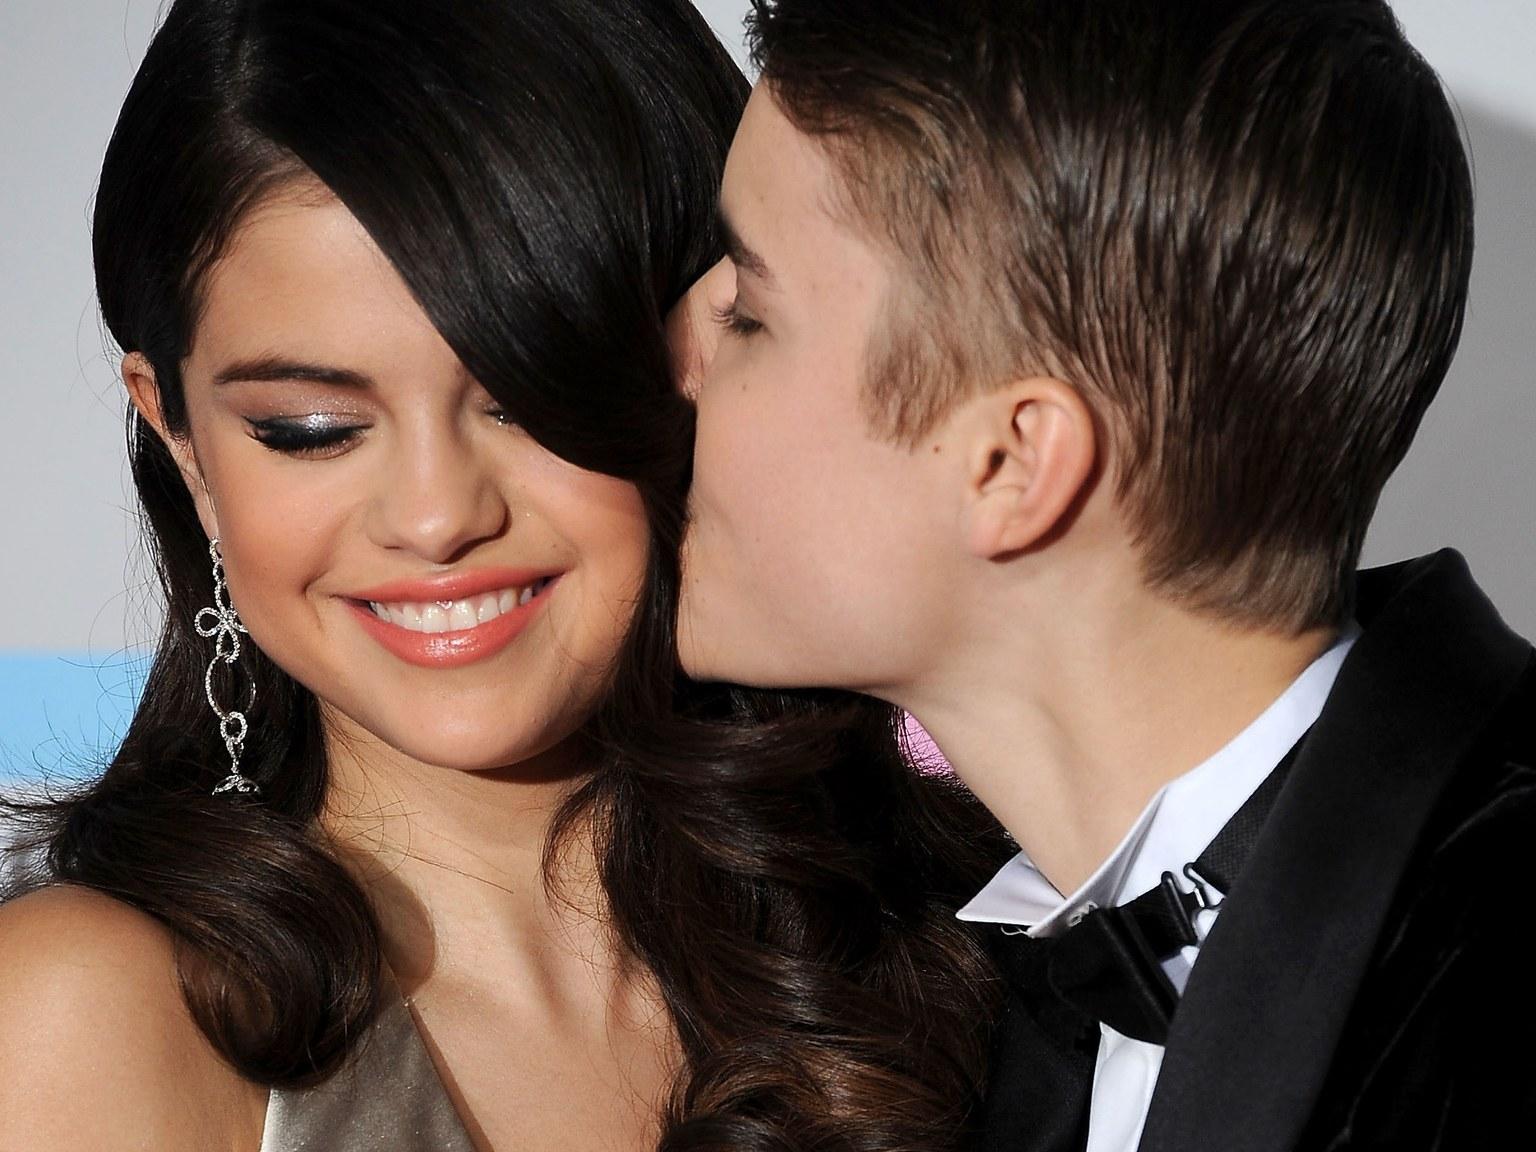 сайте фото селена гомес и джастин бибер целуются розовый фон